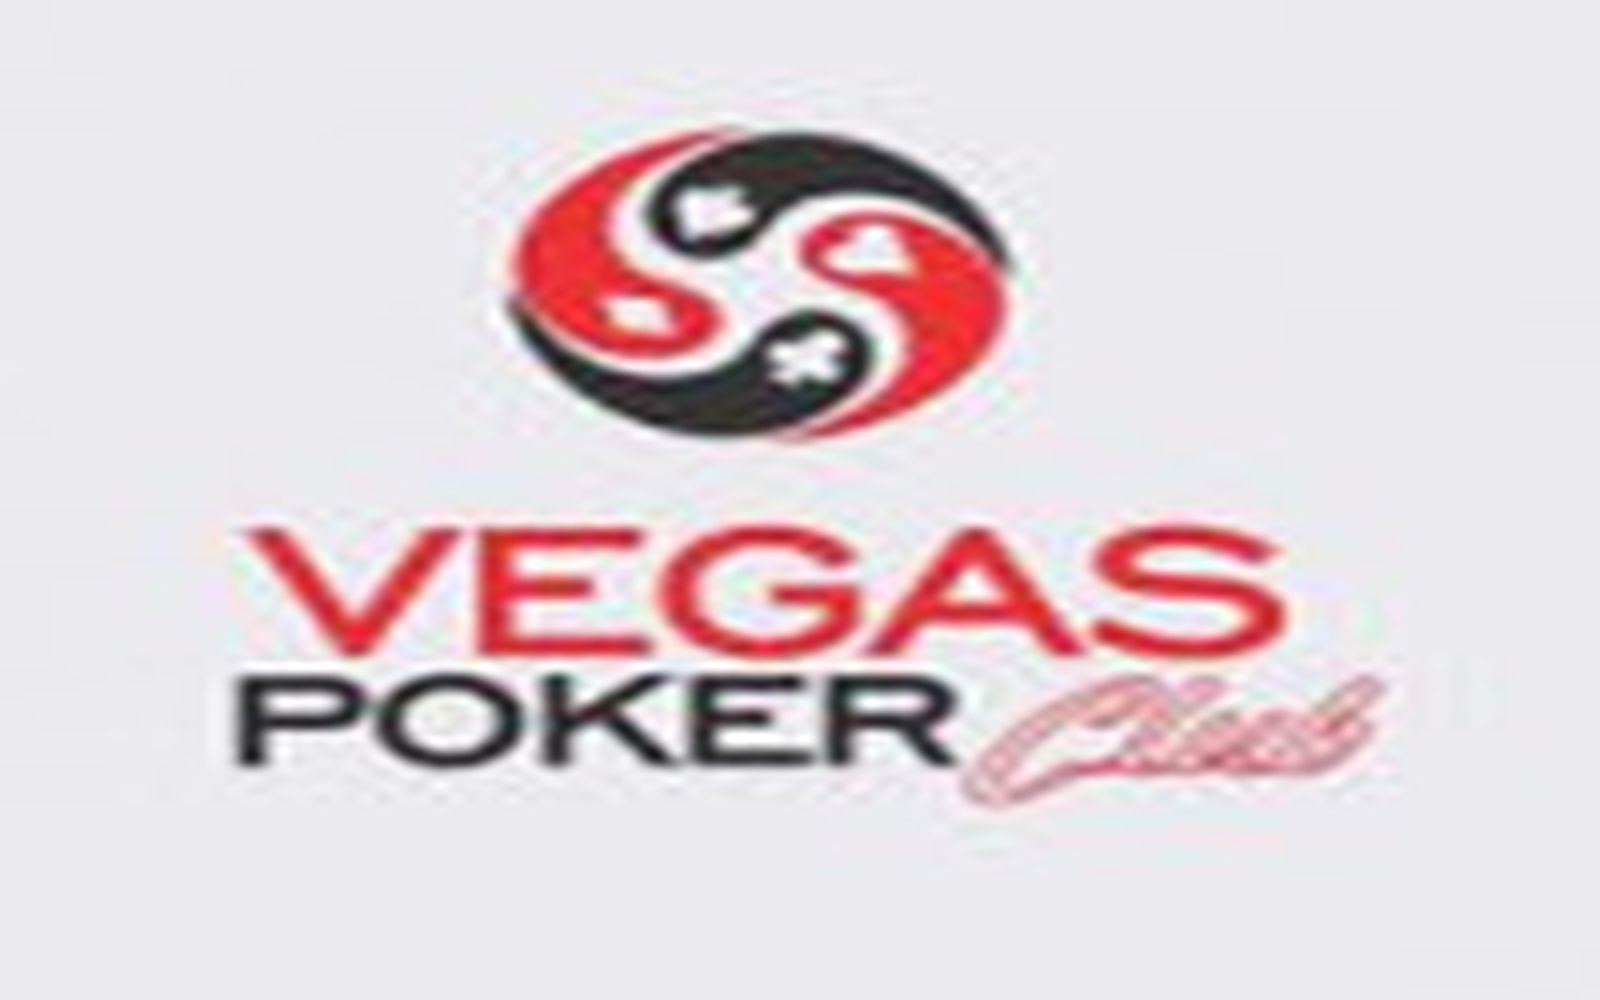 Vegas Poker Recife